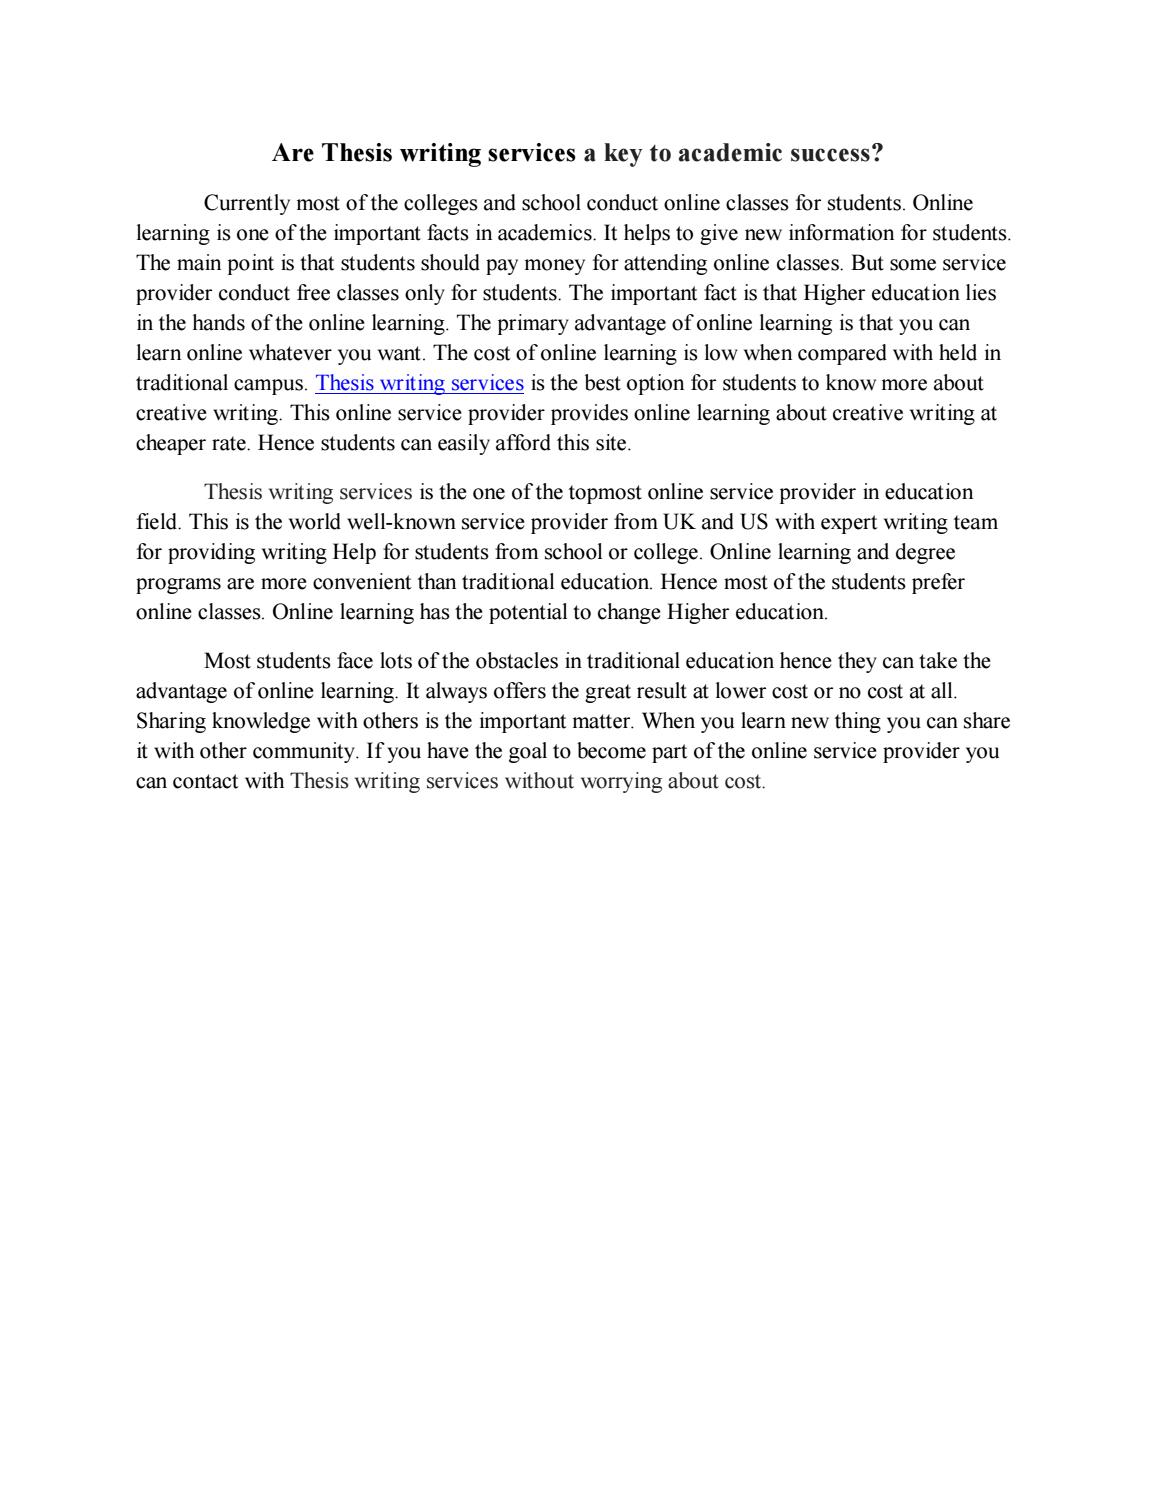 Legitimate essay writing companies